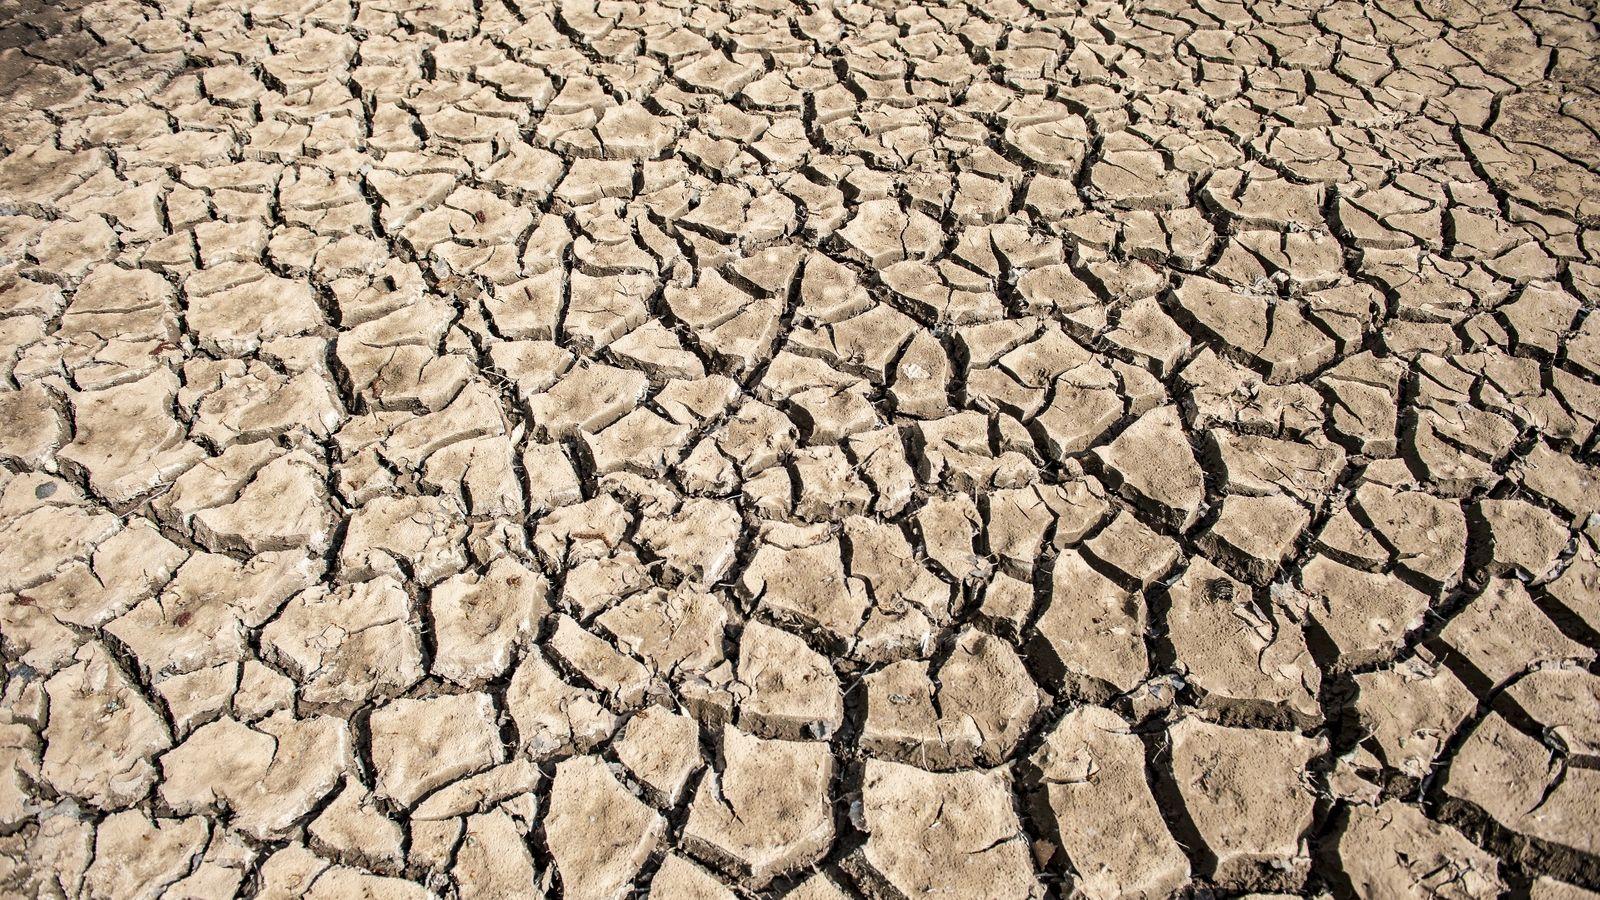 Folgen der Hitzesommer: Trockenheit in der Tiefe